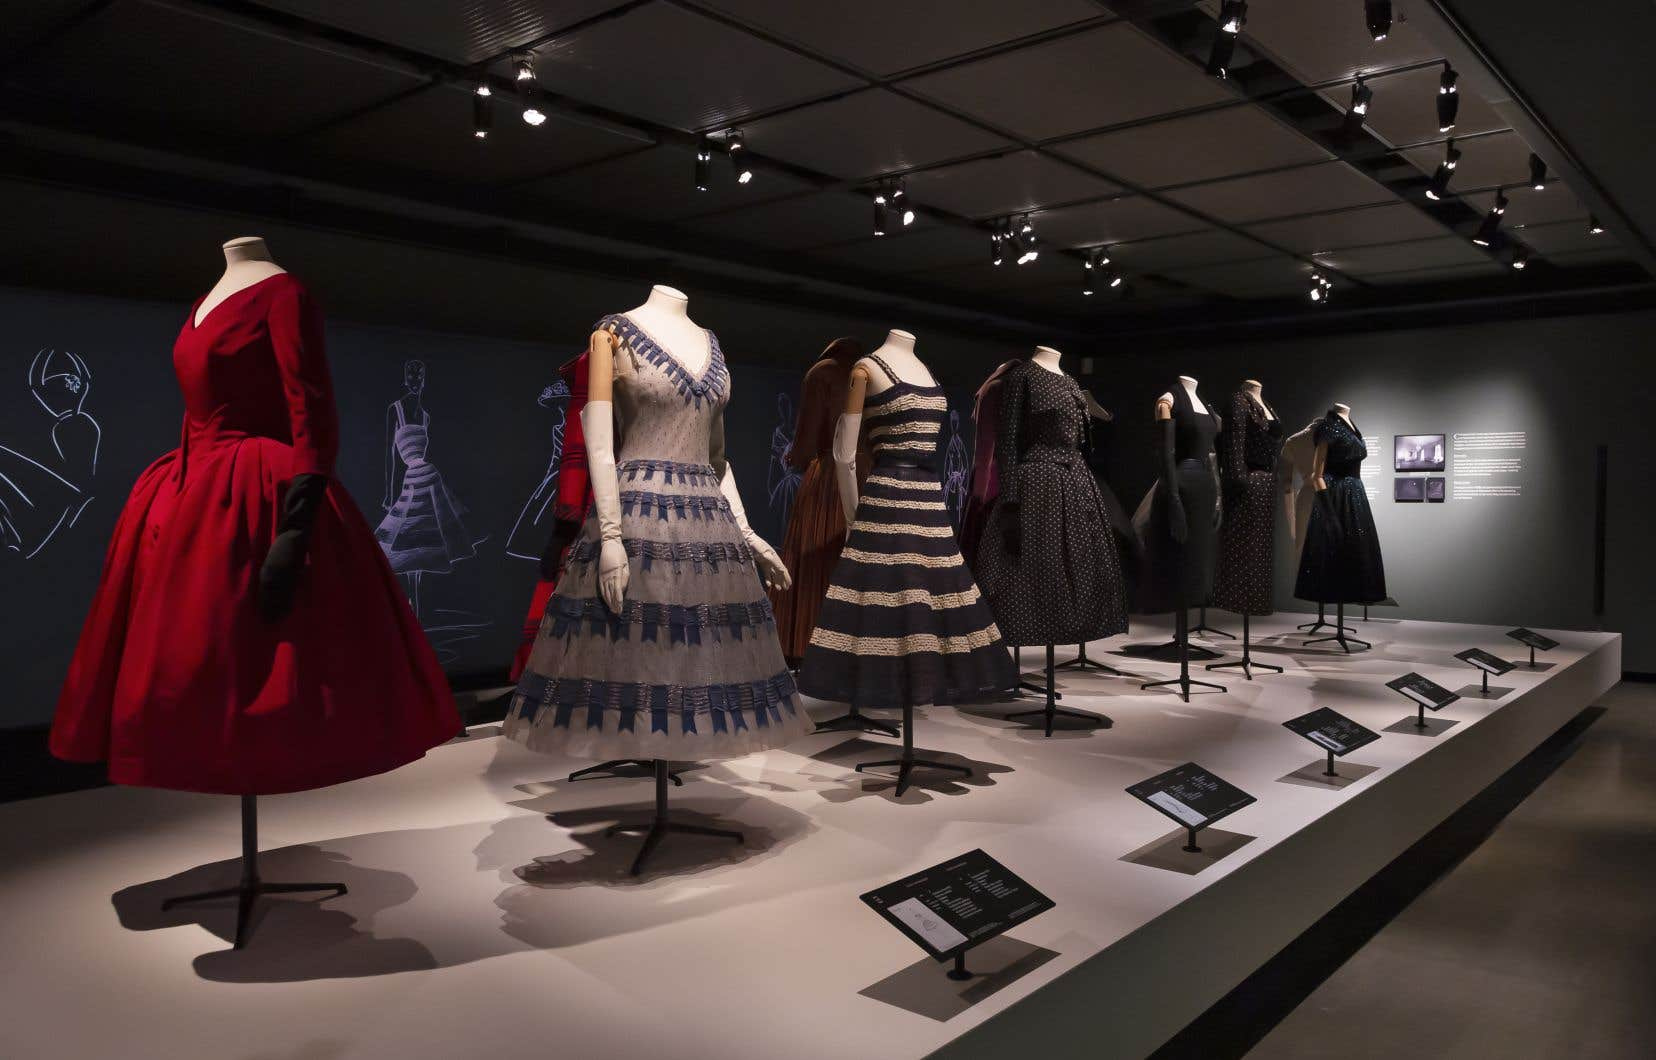 L'exposition «Christian Dior»présente 51 créations spectaculaires du couturier réalisées dans les années 1950.